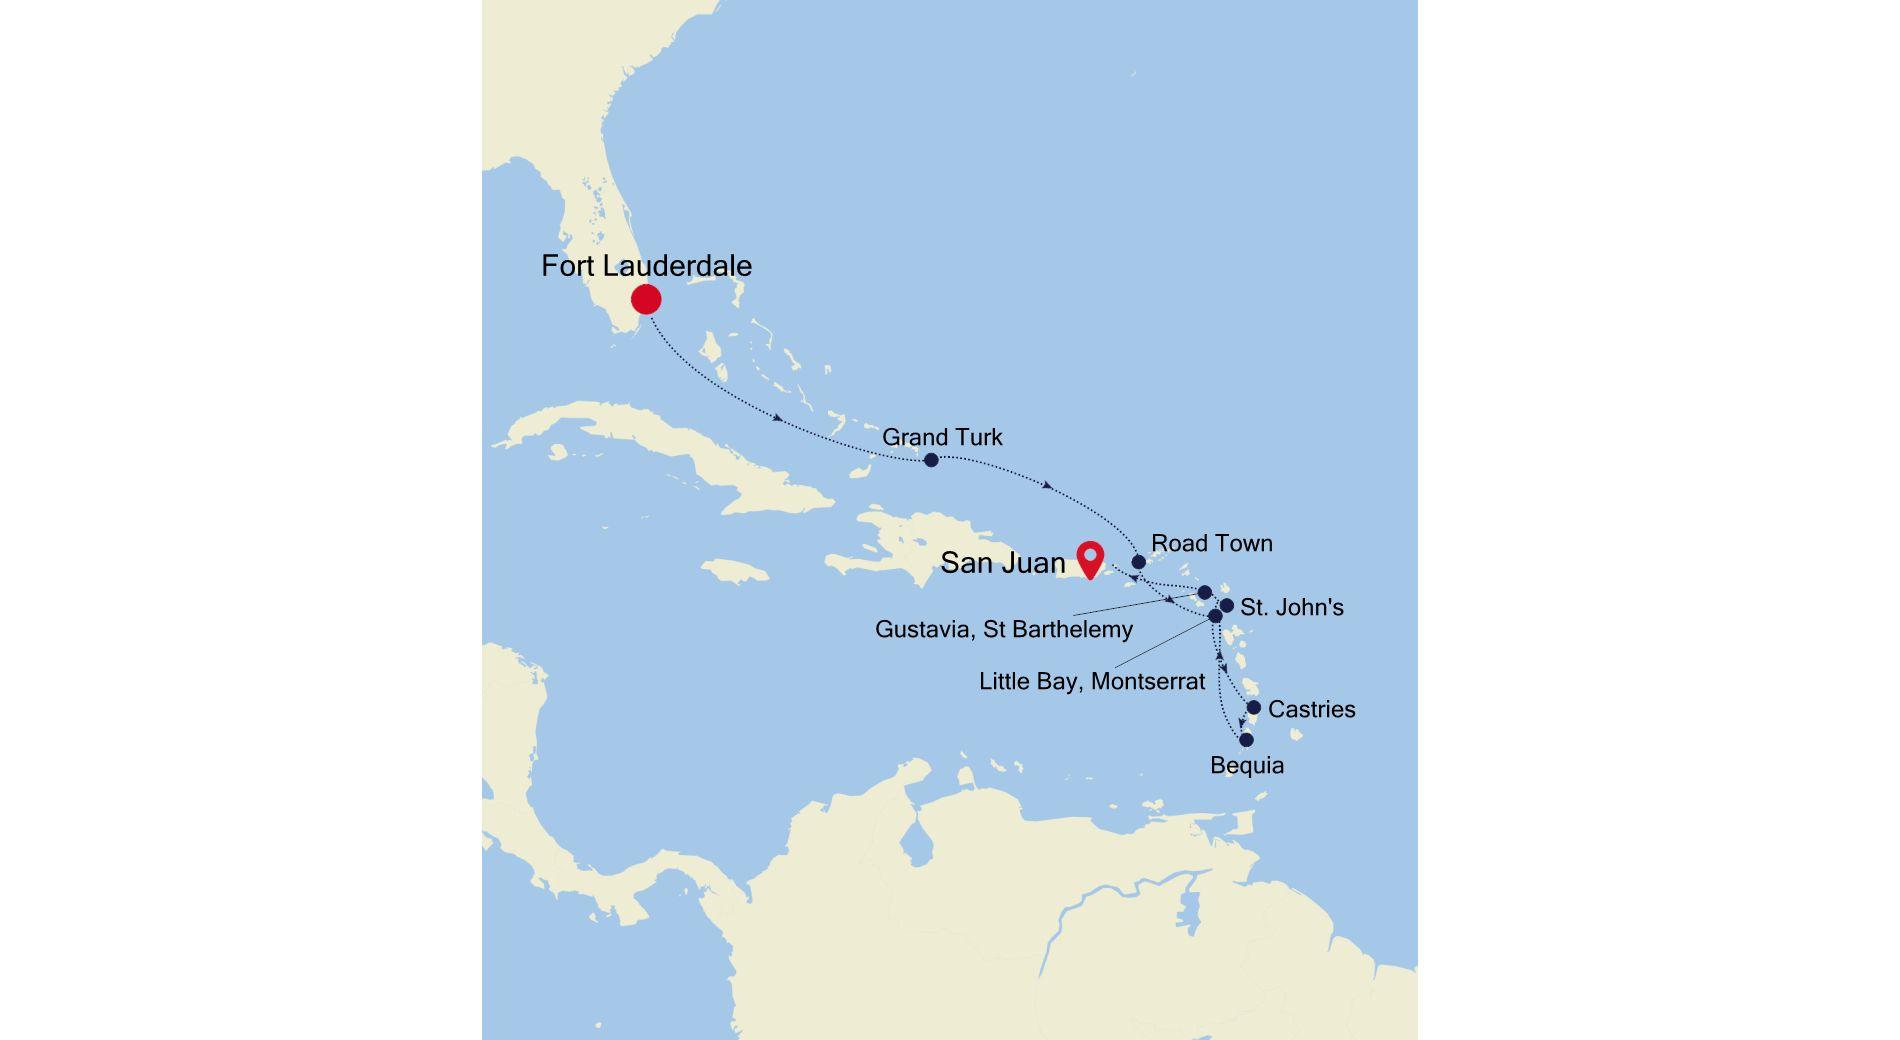 SS210315010 - Fort Lauderdale a San Juan